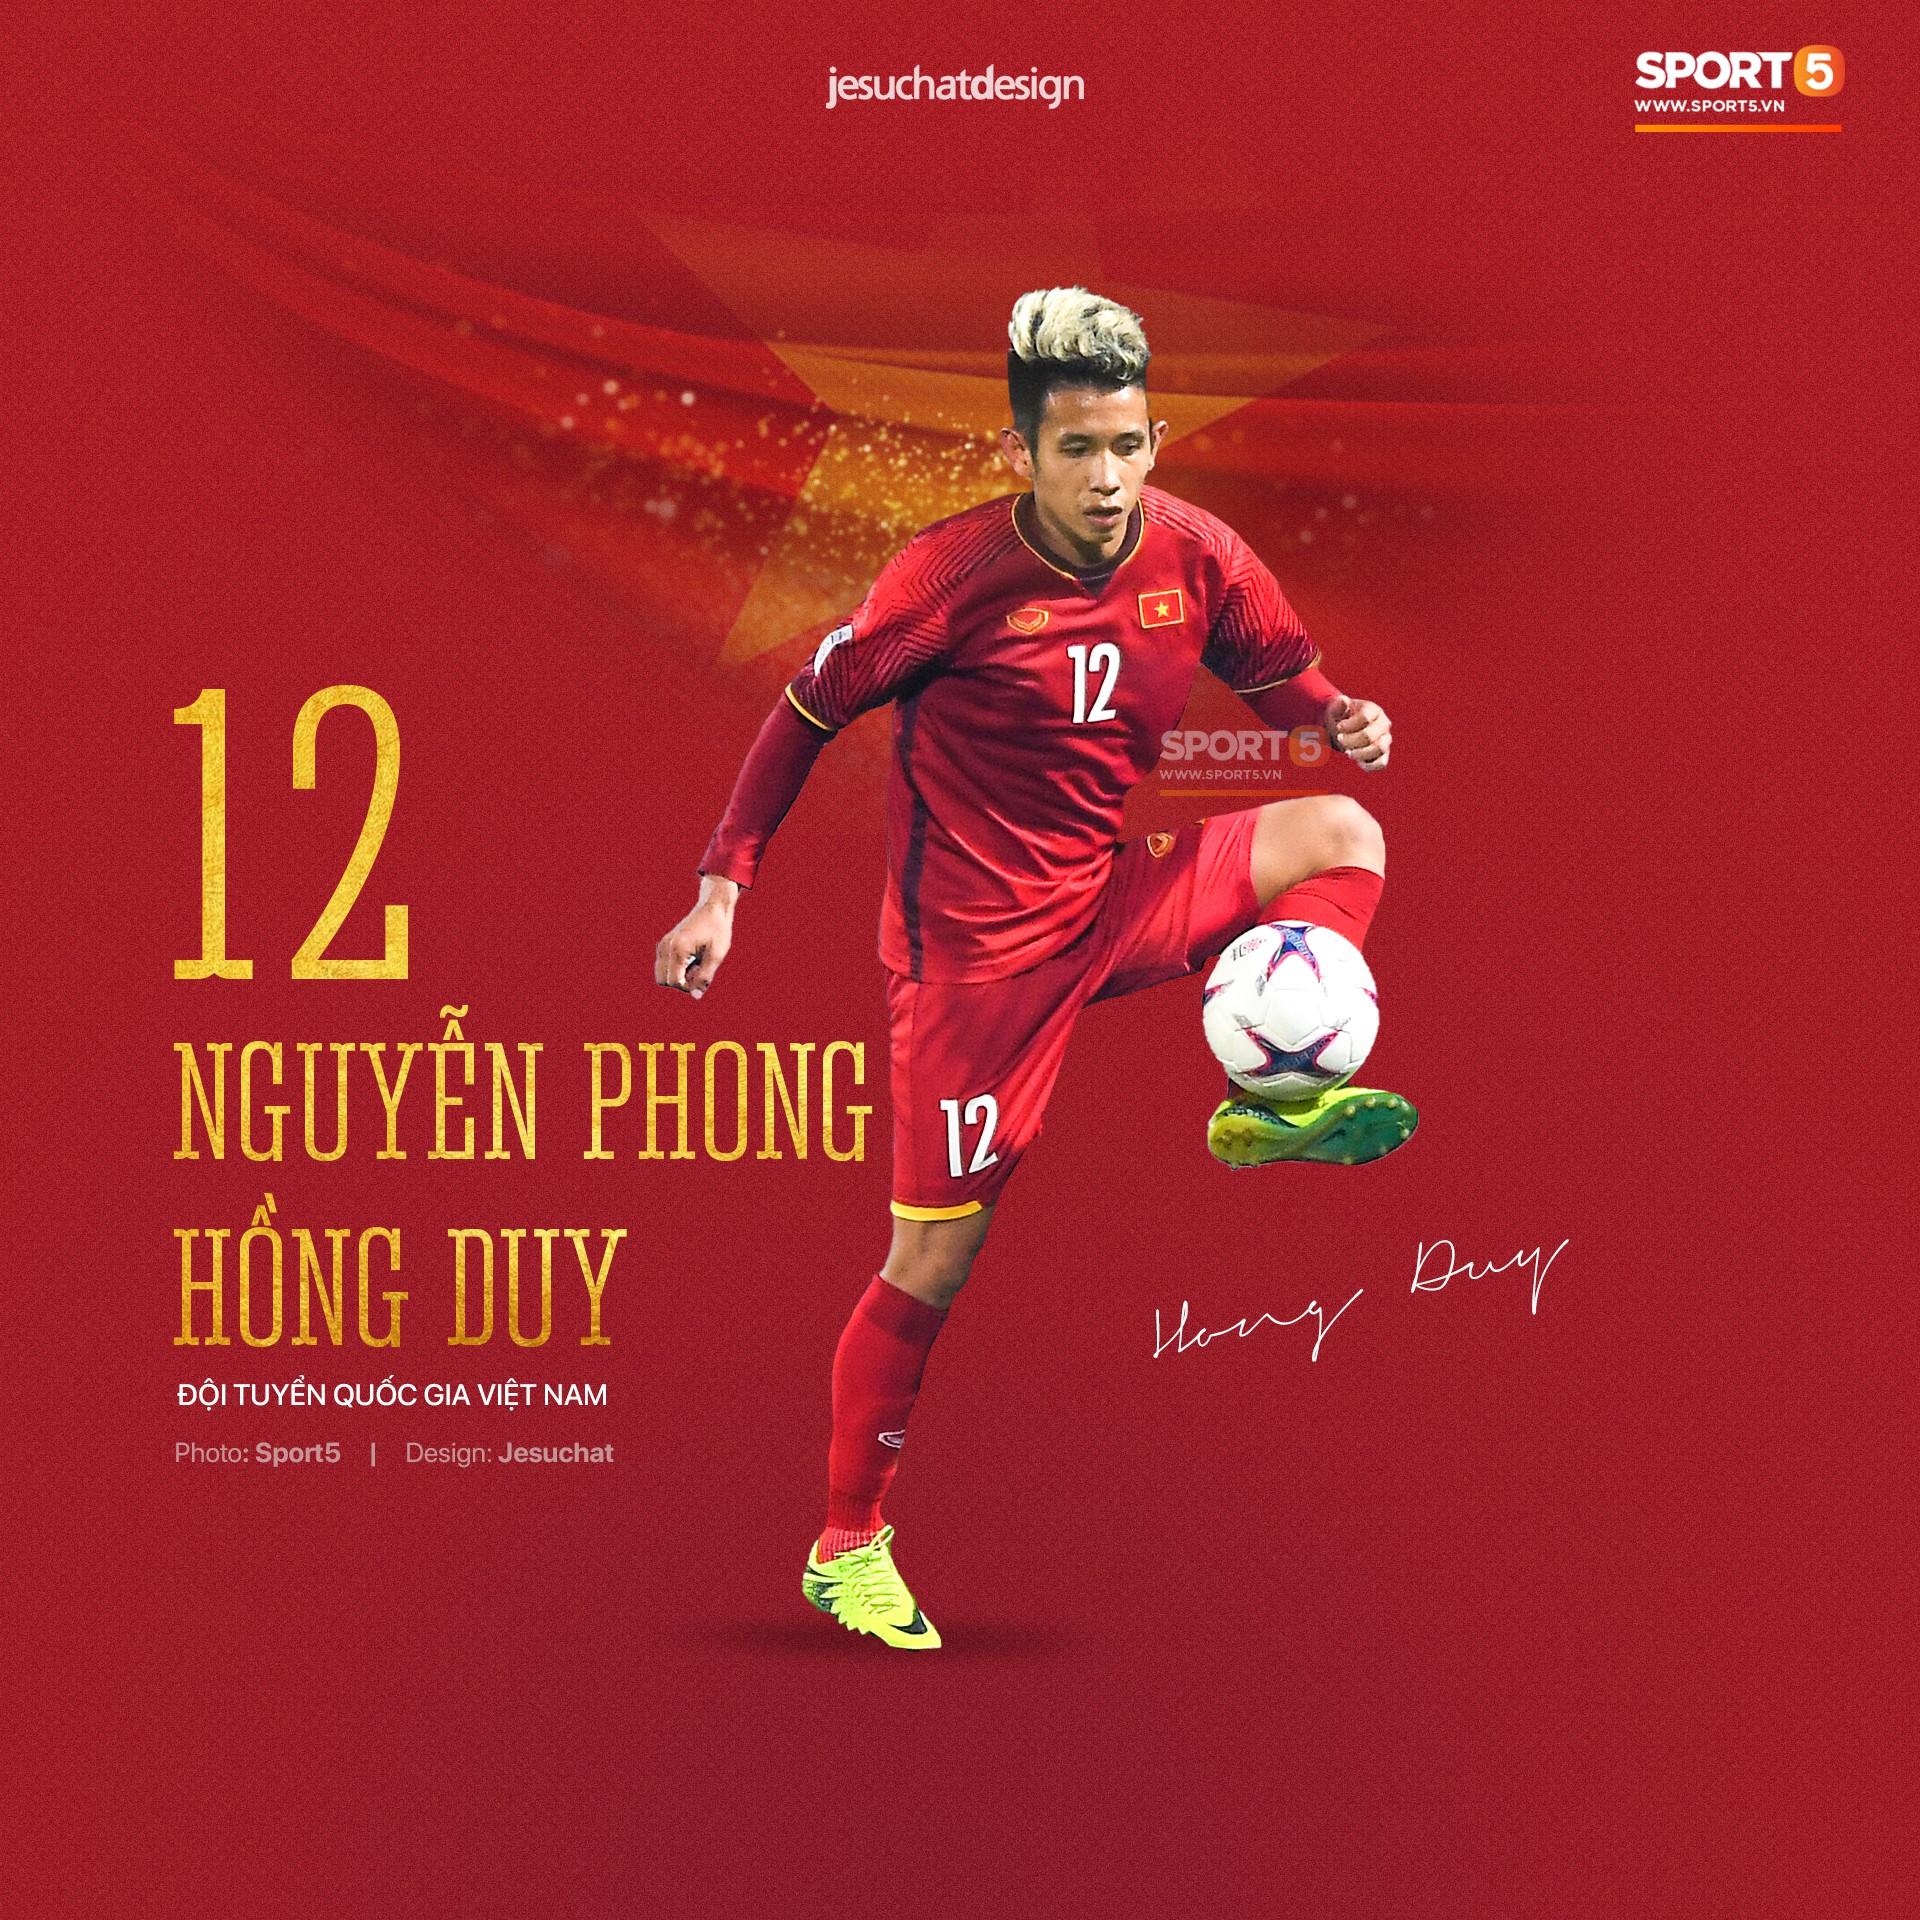 Info long lanh của 23 nhà vô địch AFF Cup 2018, những người hùng dân tộc-16